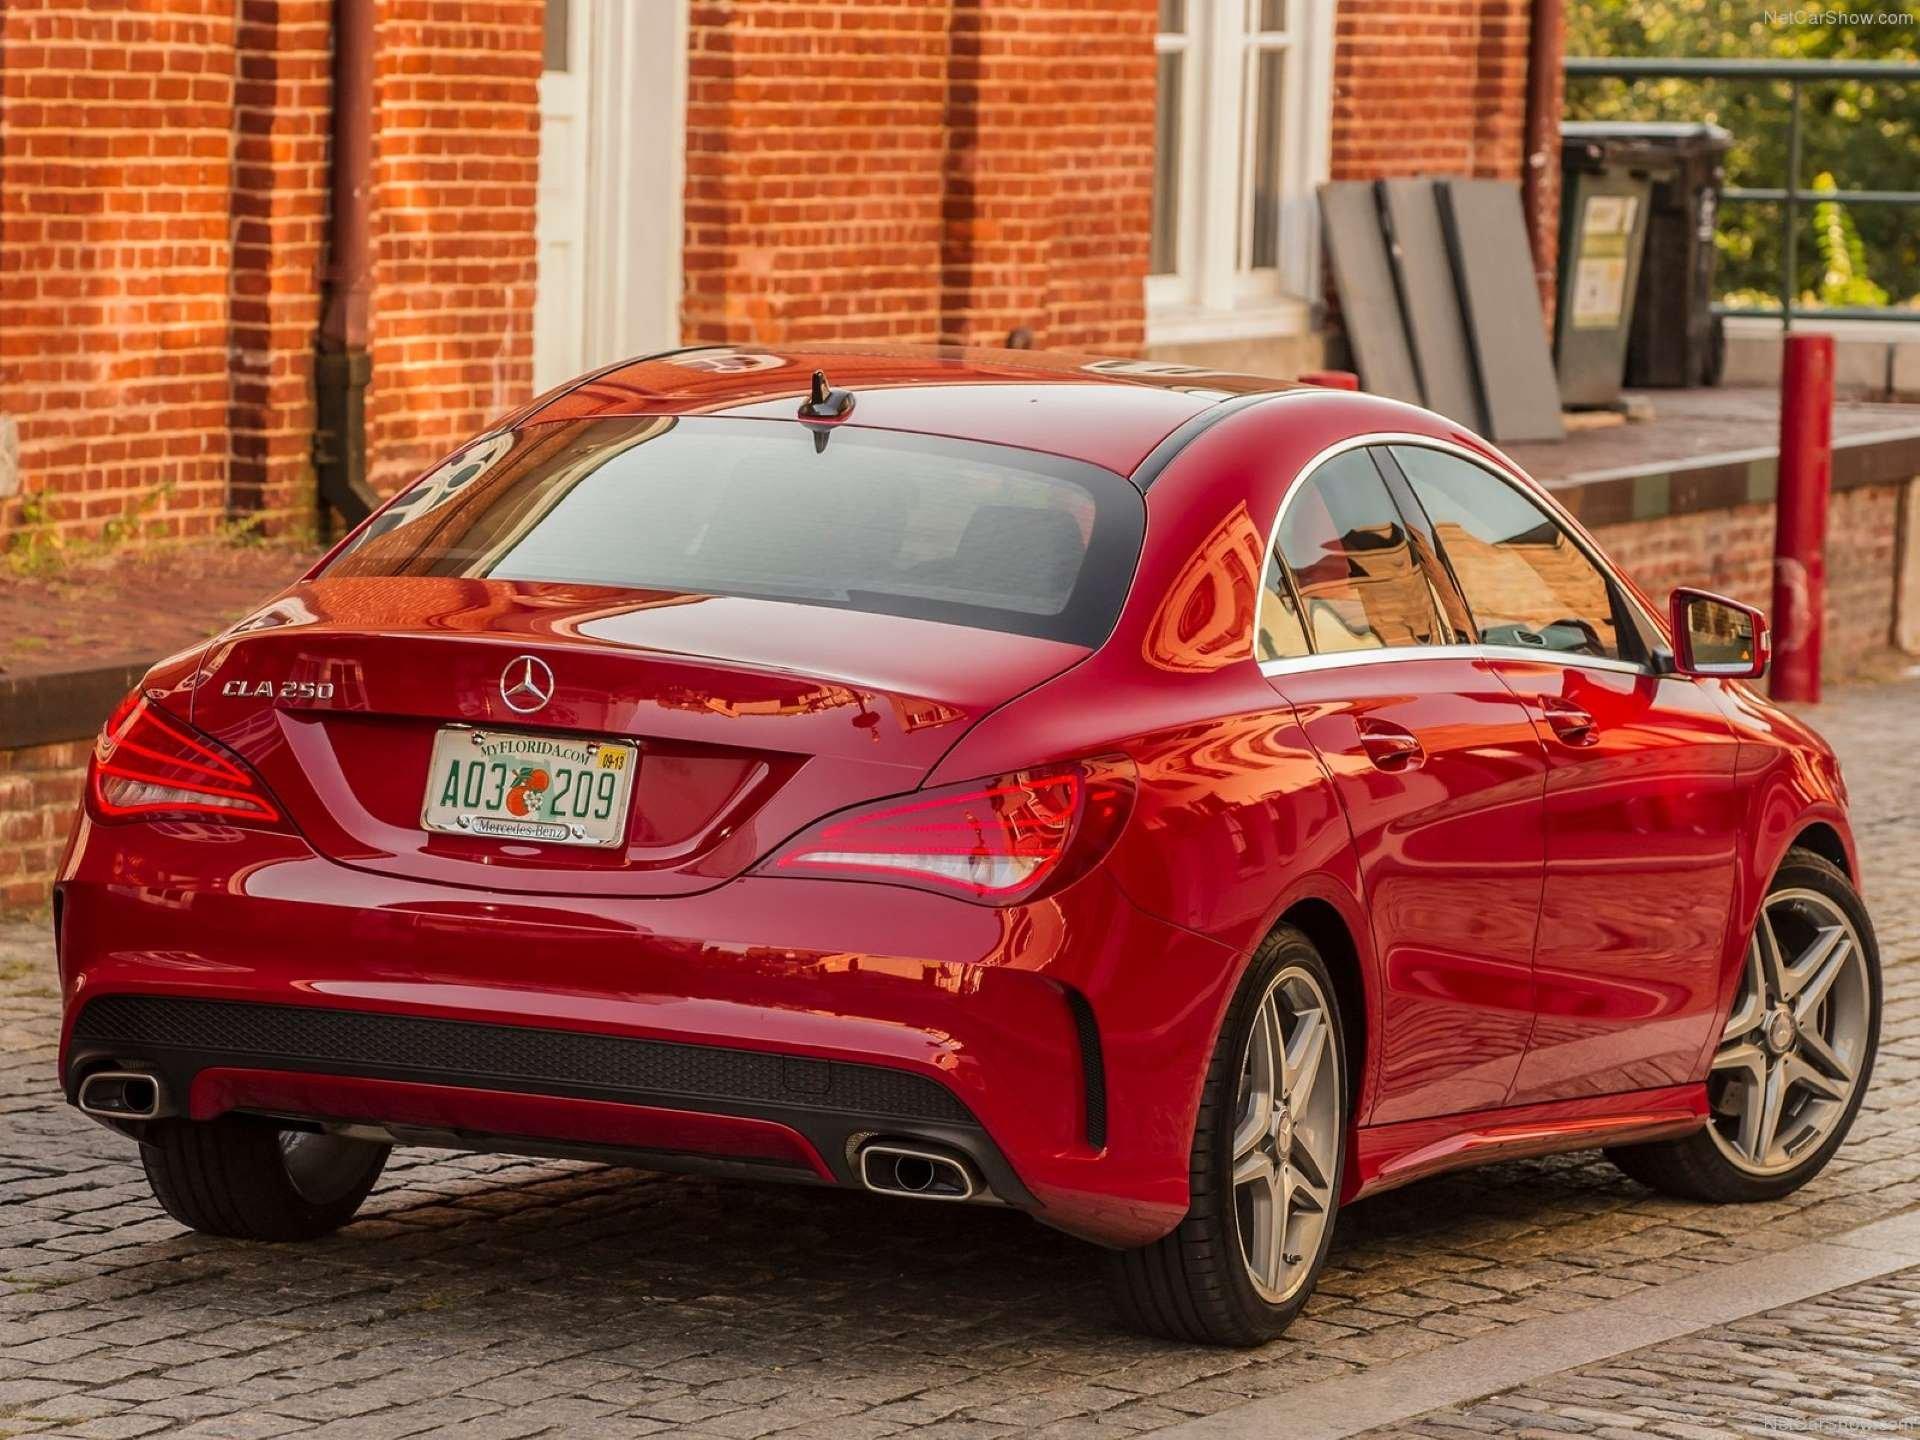 Best FWD Under $25k Mercedes-Benz CLA250 rear three-quarter